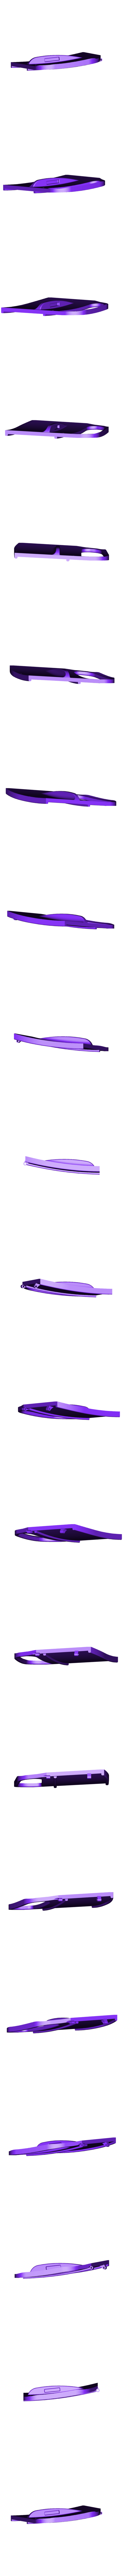 69TRK-DOOR-RHS.stl Download STL file Ratrod Pickup • 3D printing template, macone1